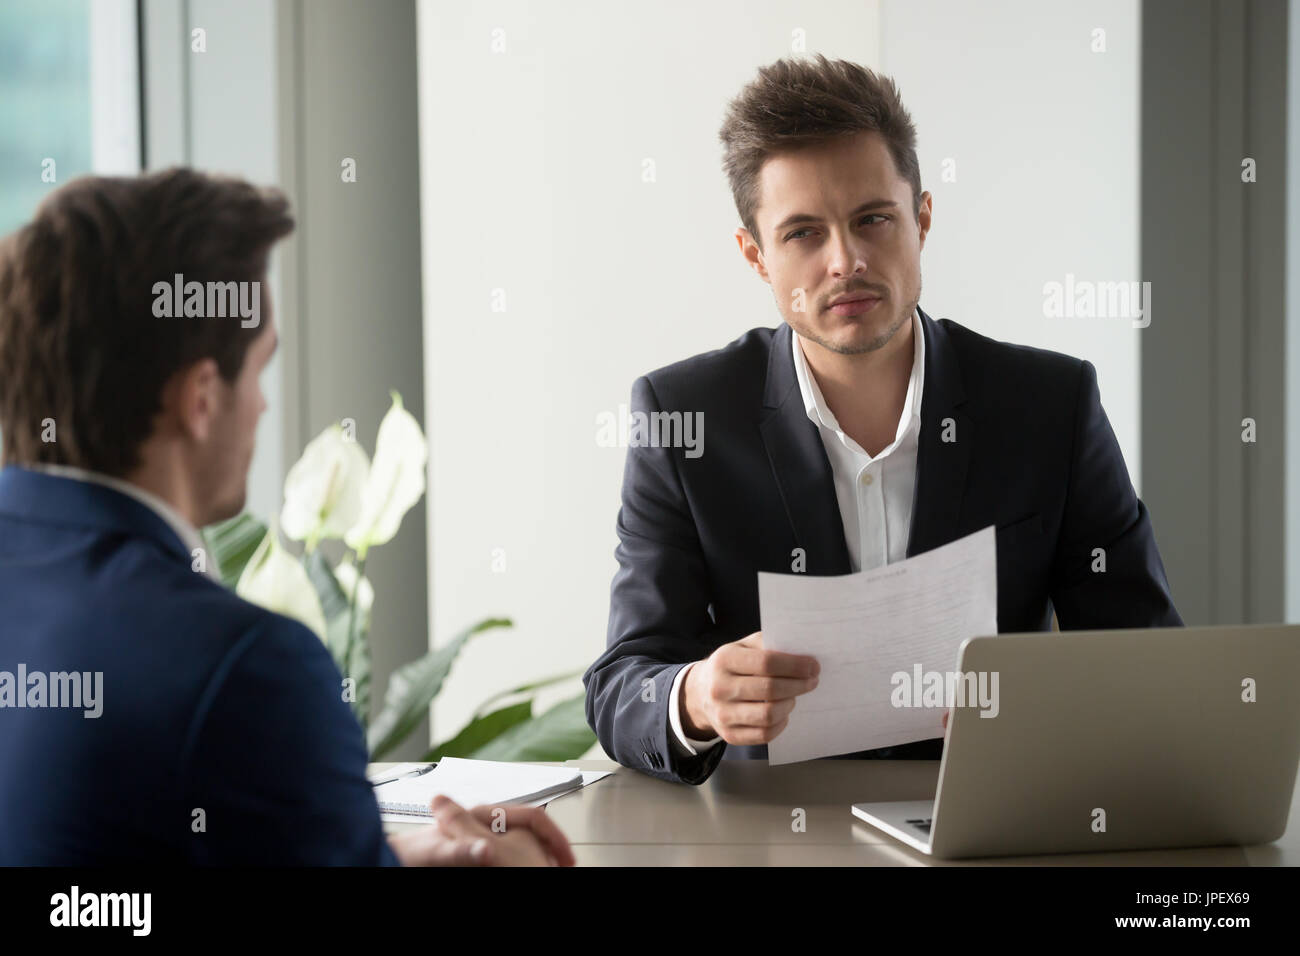 Misstrauisch Geschäftsmann hält Dokument lesen schlecht Lebenslauf an Stockbild